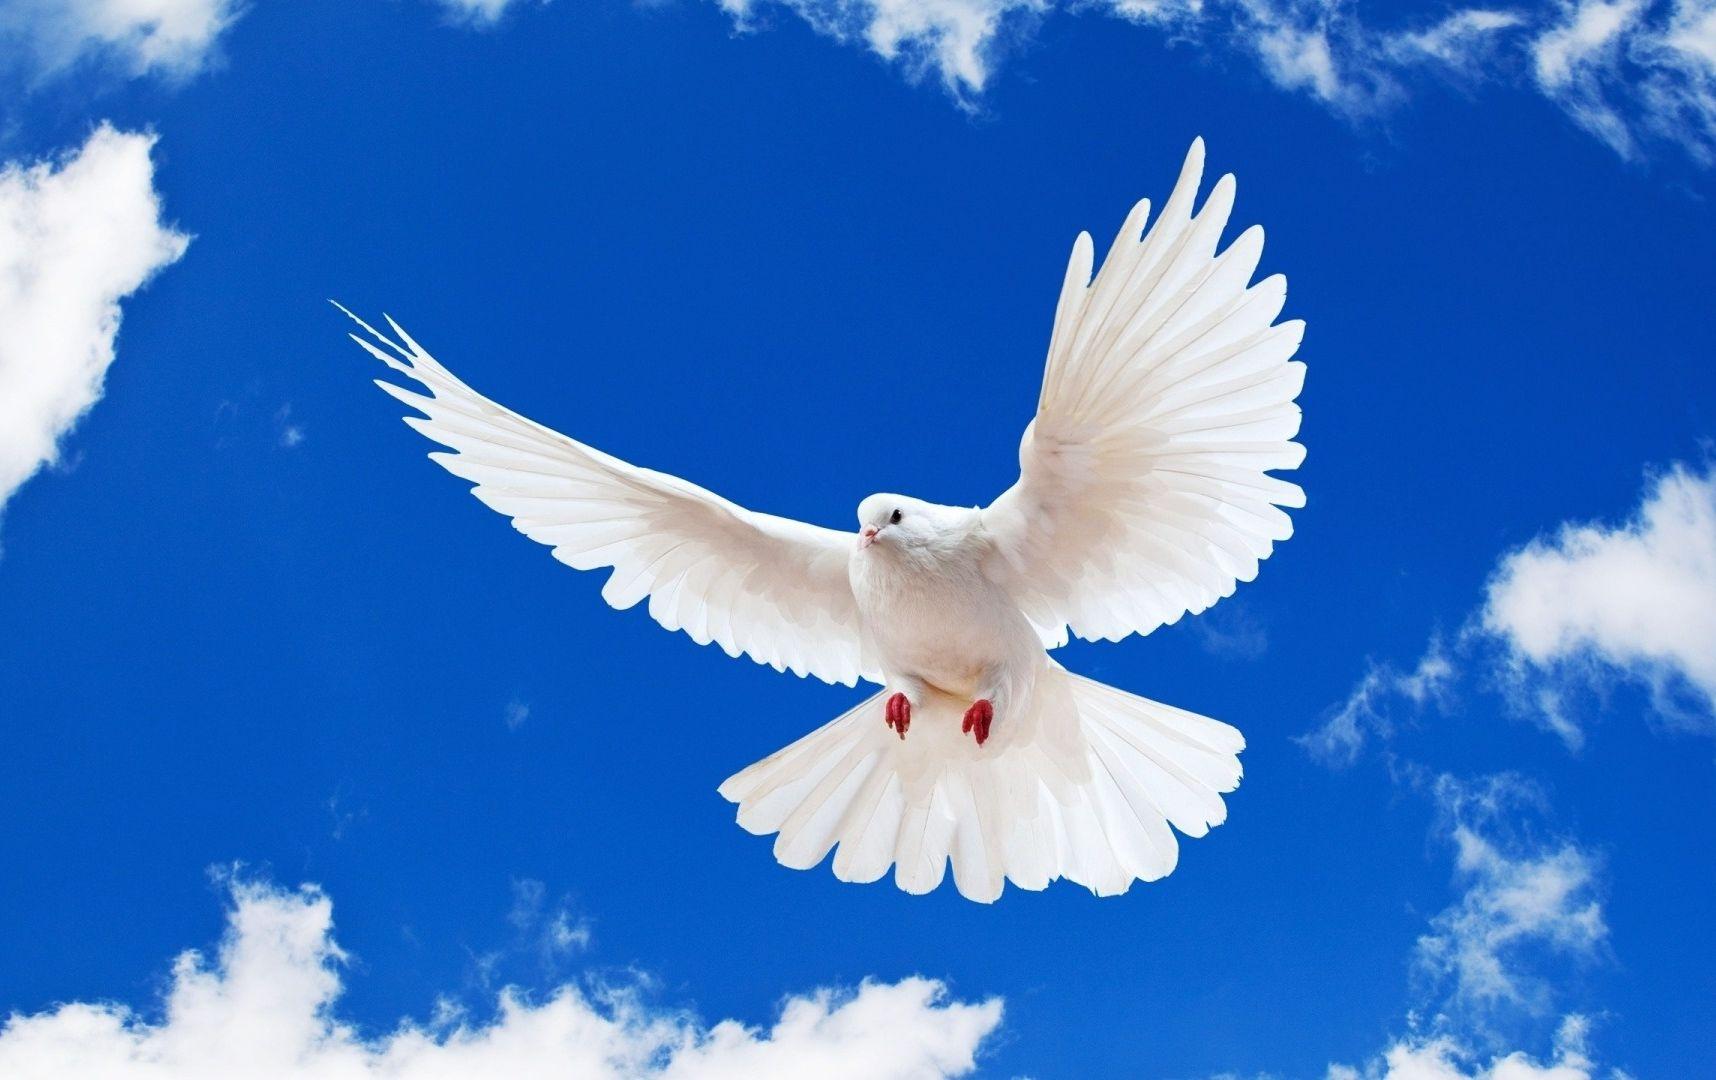 Imagen gratuita de Paloma en cielo azul en HD